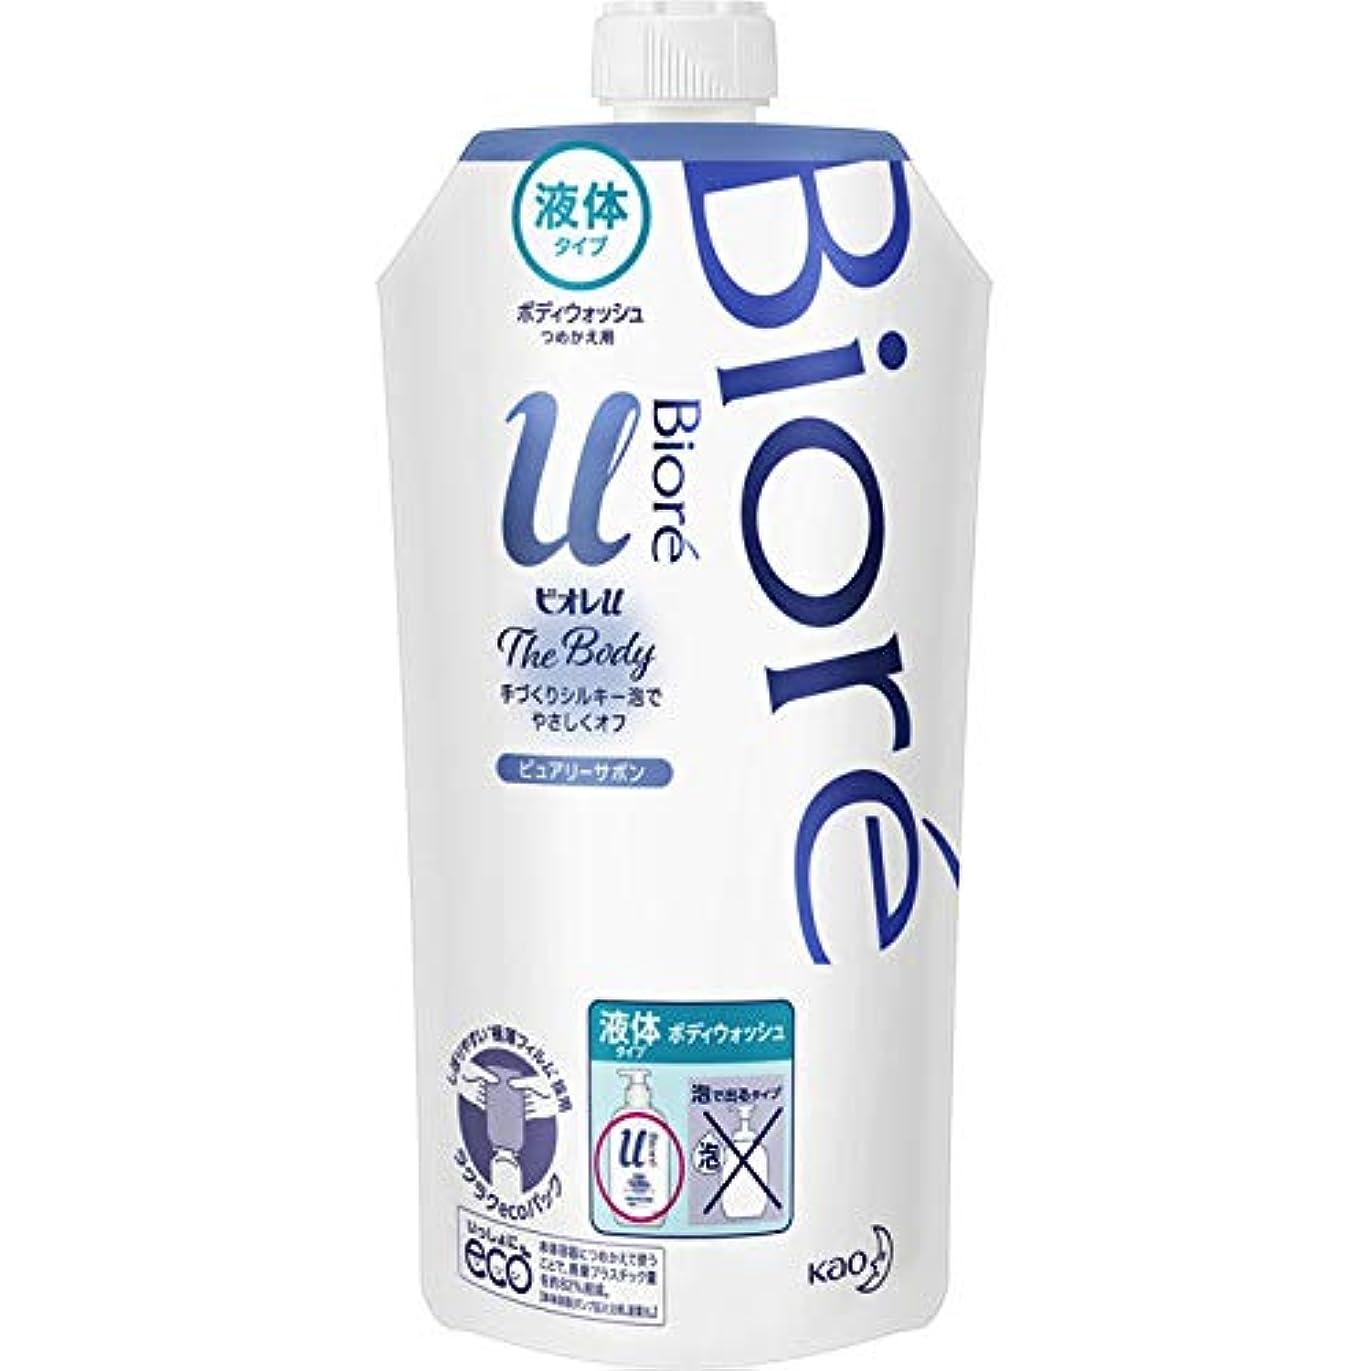 価値のないジーンズ思慮深い花王 ビオレu ザ ボディ液体ピュアリーサボンの香り 詰替え用 340ml